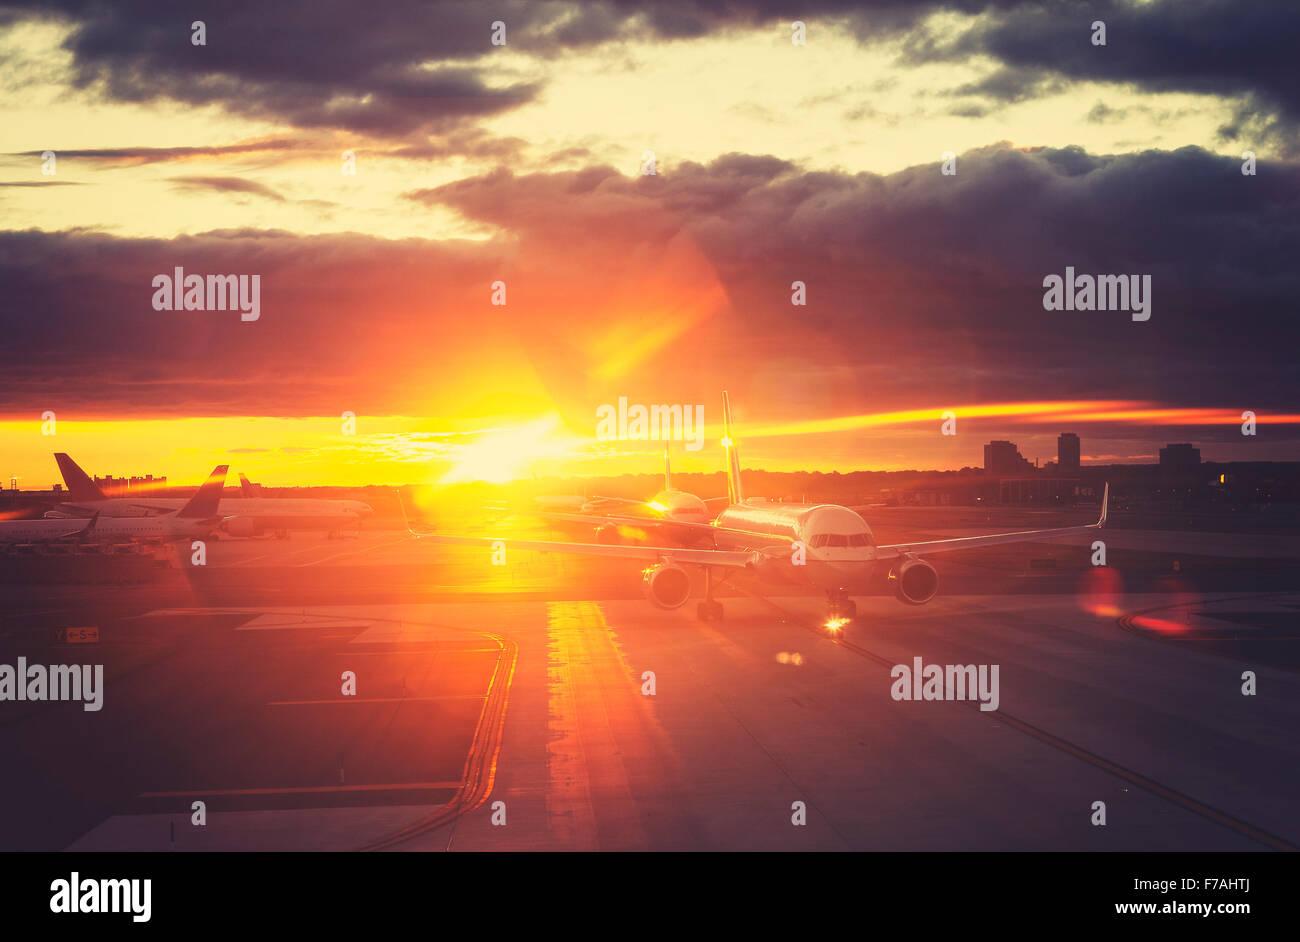 Vintage photo aux couleurs de l'aéroport au coucher du soleil, concept de voyage, effet lens flare. Photo Stock